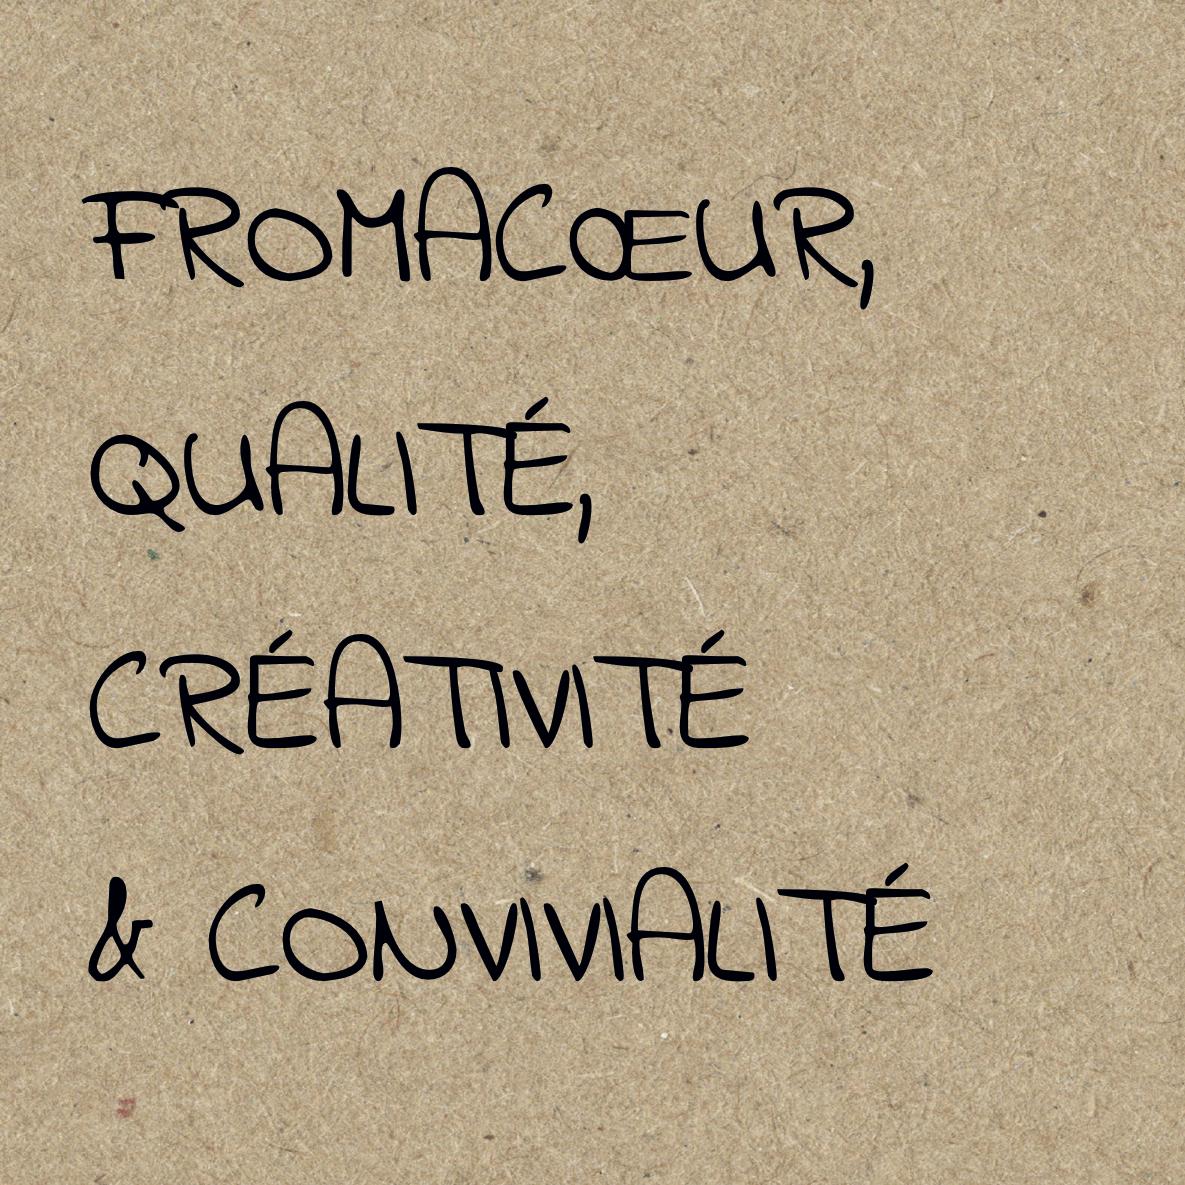 valeurs-fromacoeur.jpg